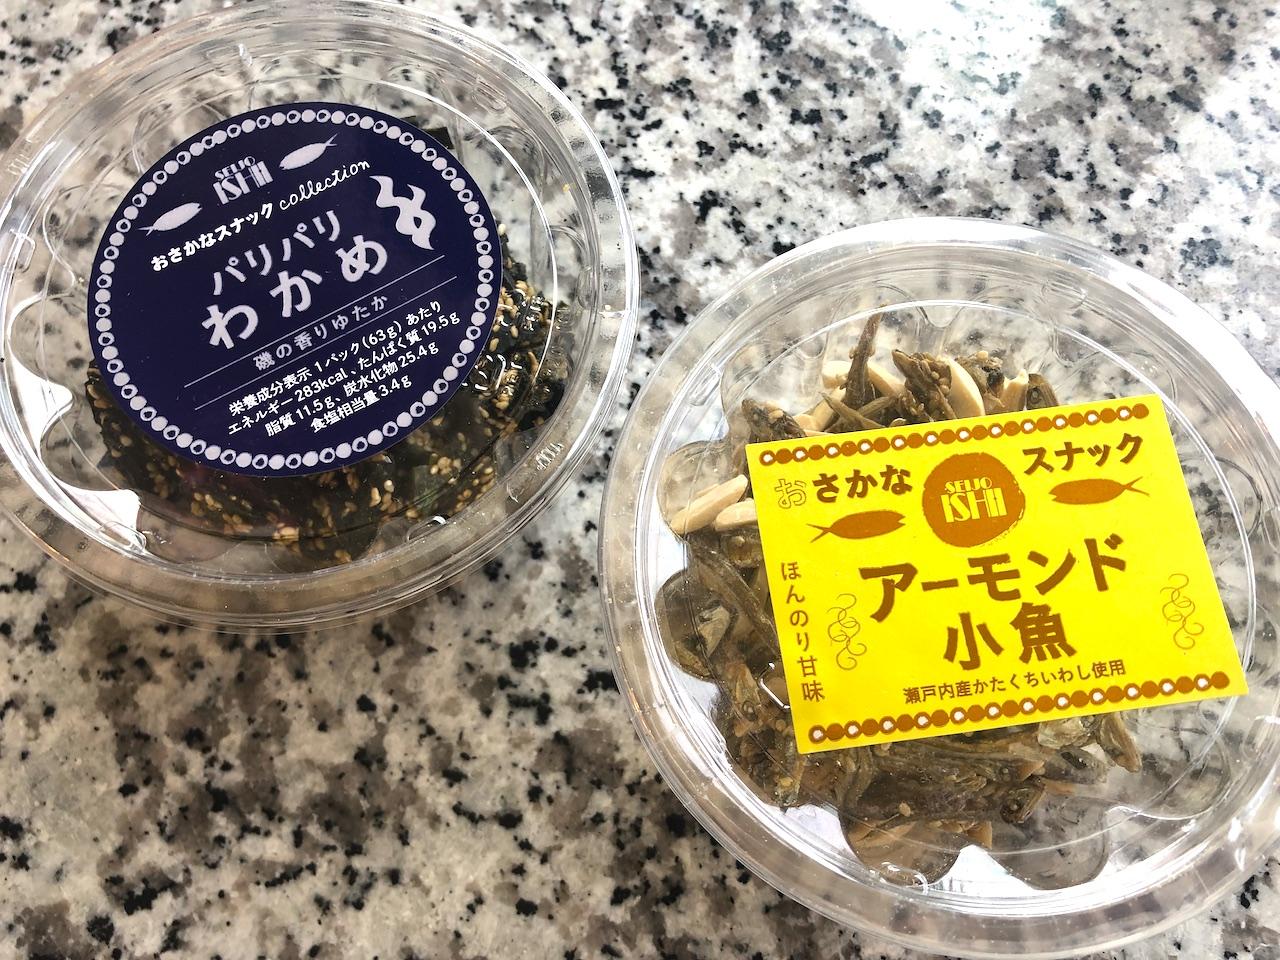 成城石井 おさかなスナックコレクション